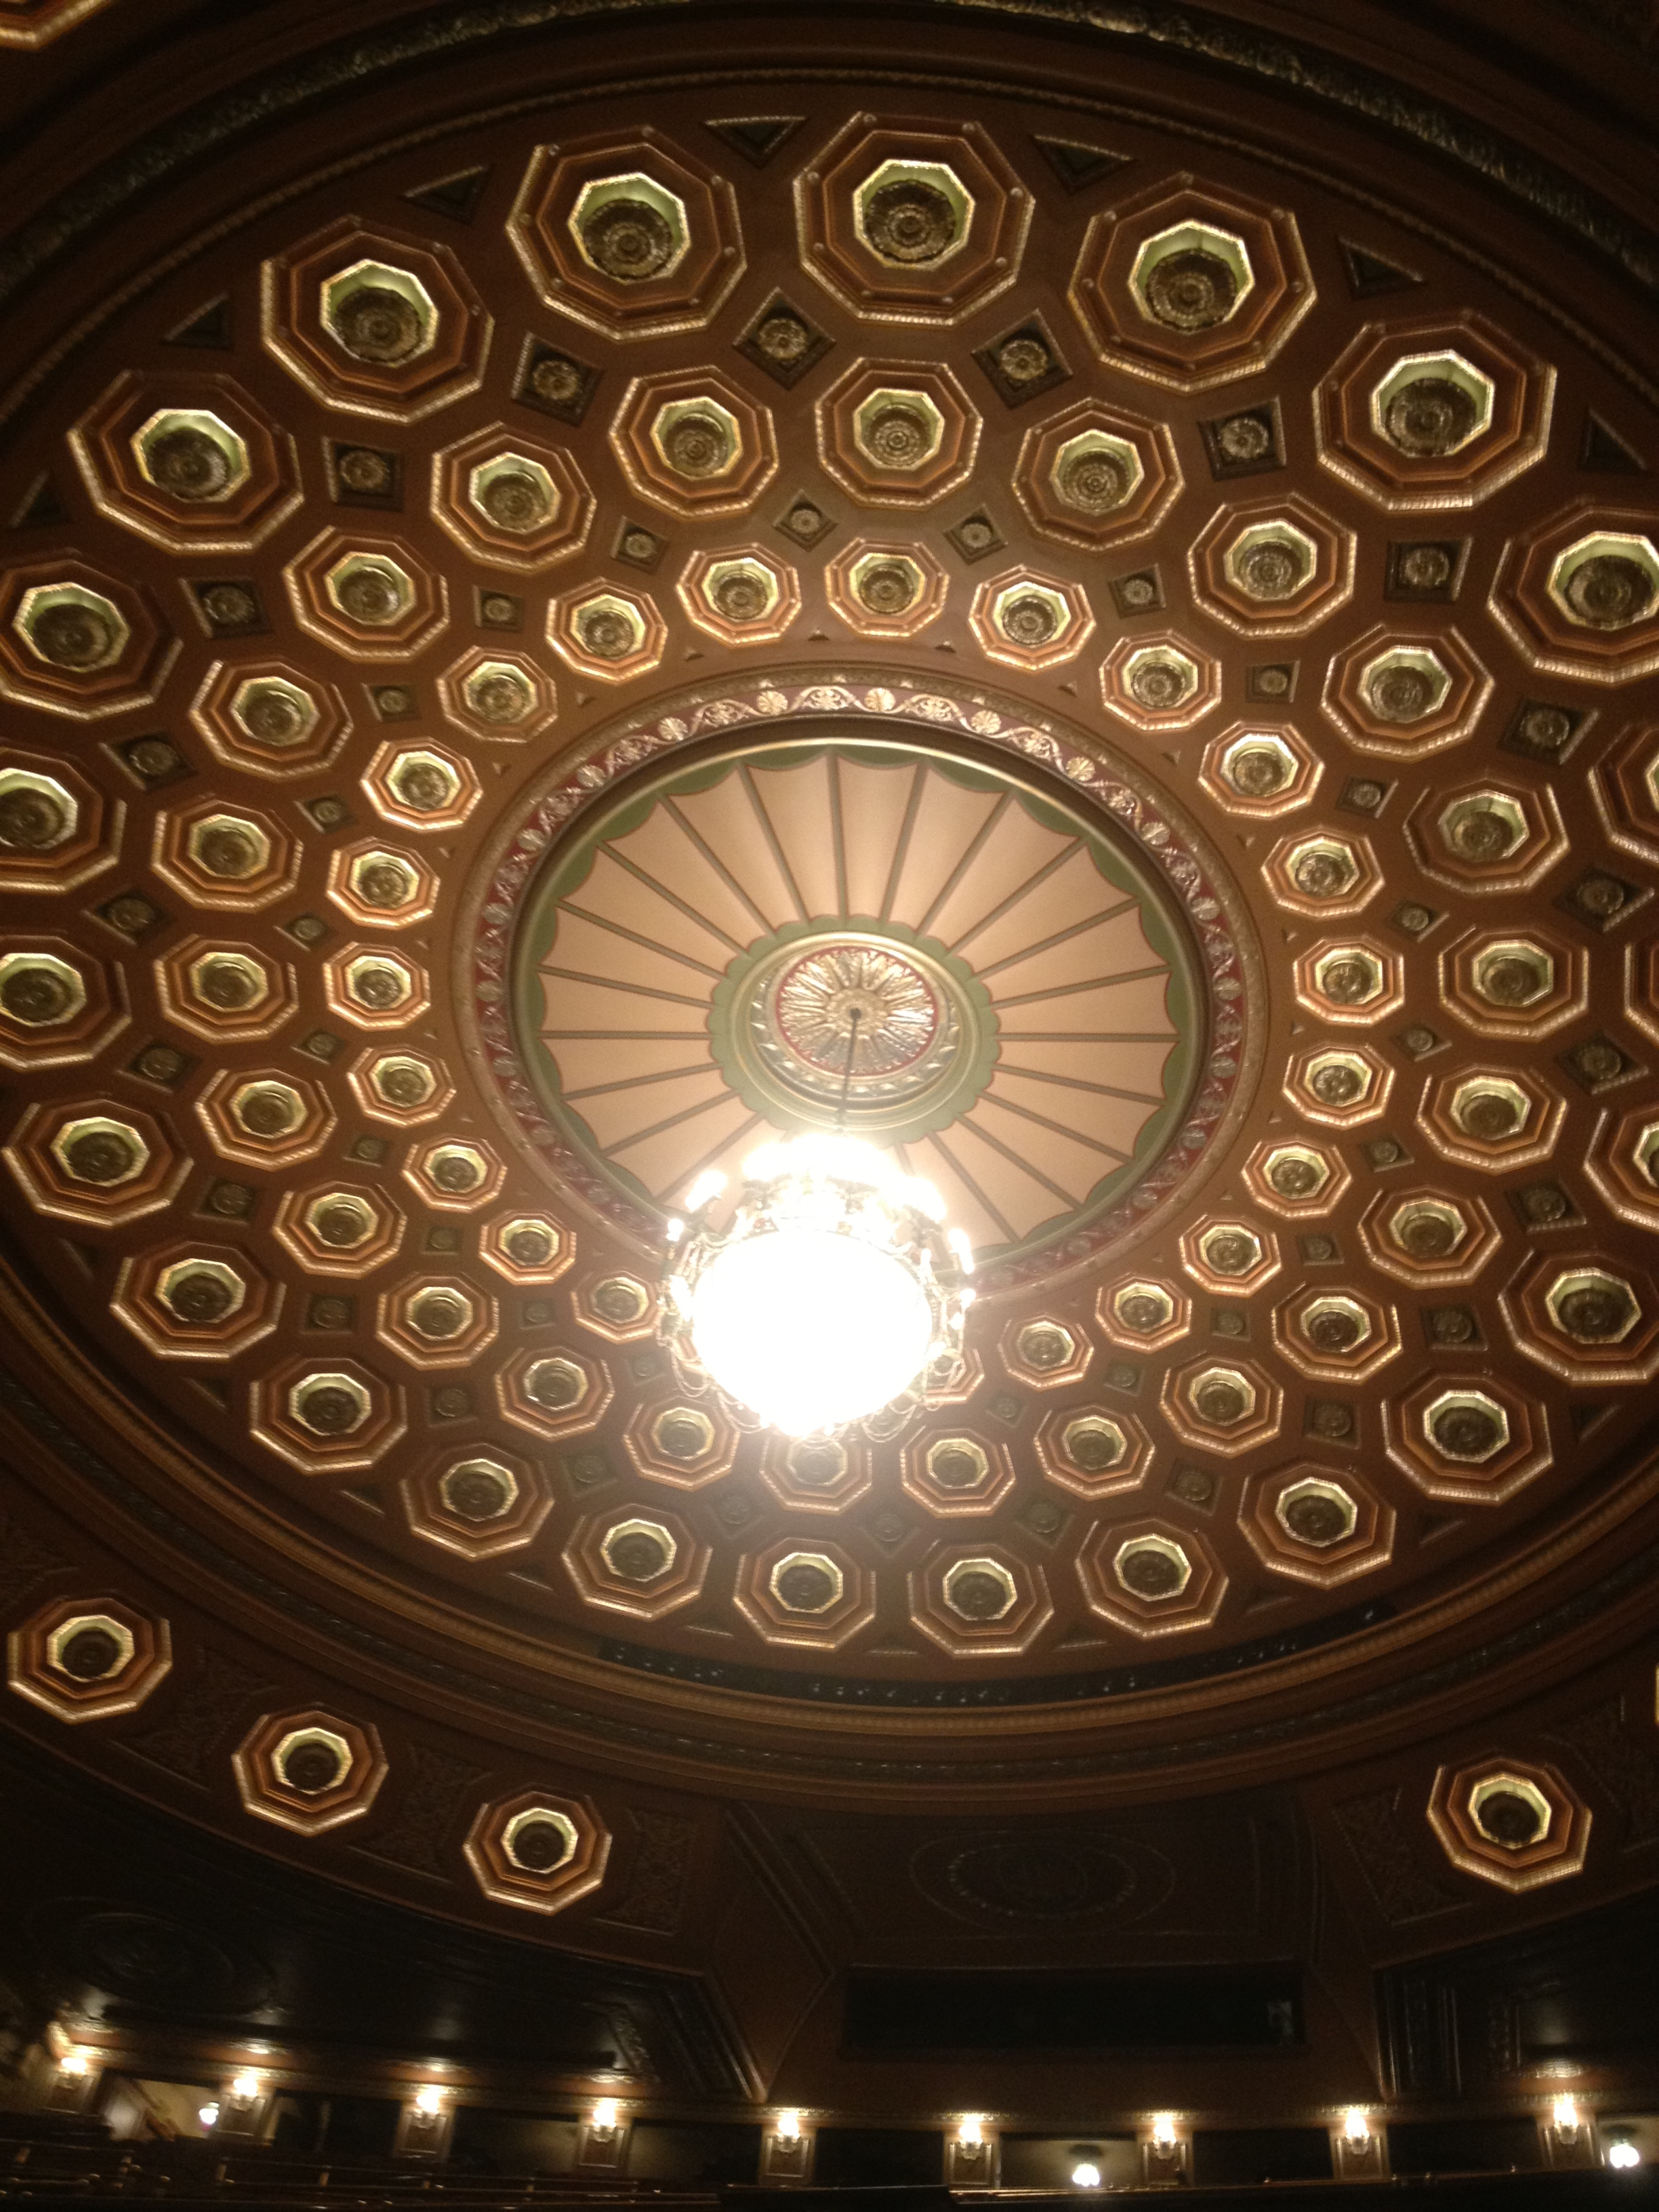 Benedum Theatre. Benedum Theatre. Knight Sound u0026 Lighting ... & Knight Sound u0026 Lighting   Specialized Knowledge. Professional ... azcodes.com